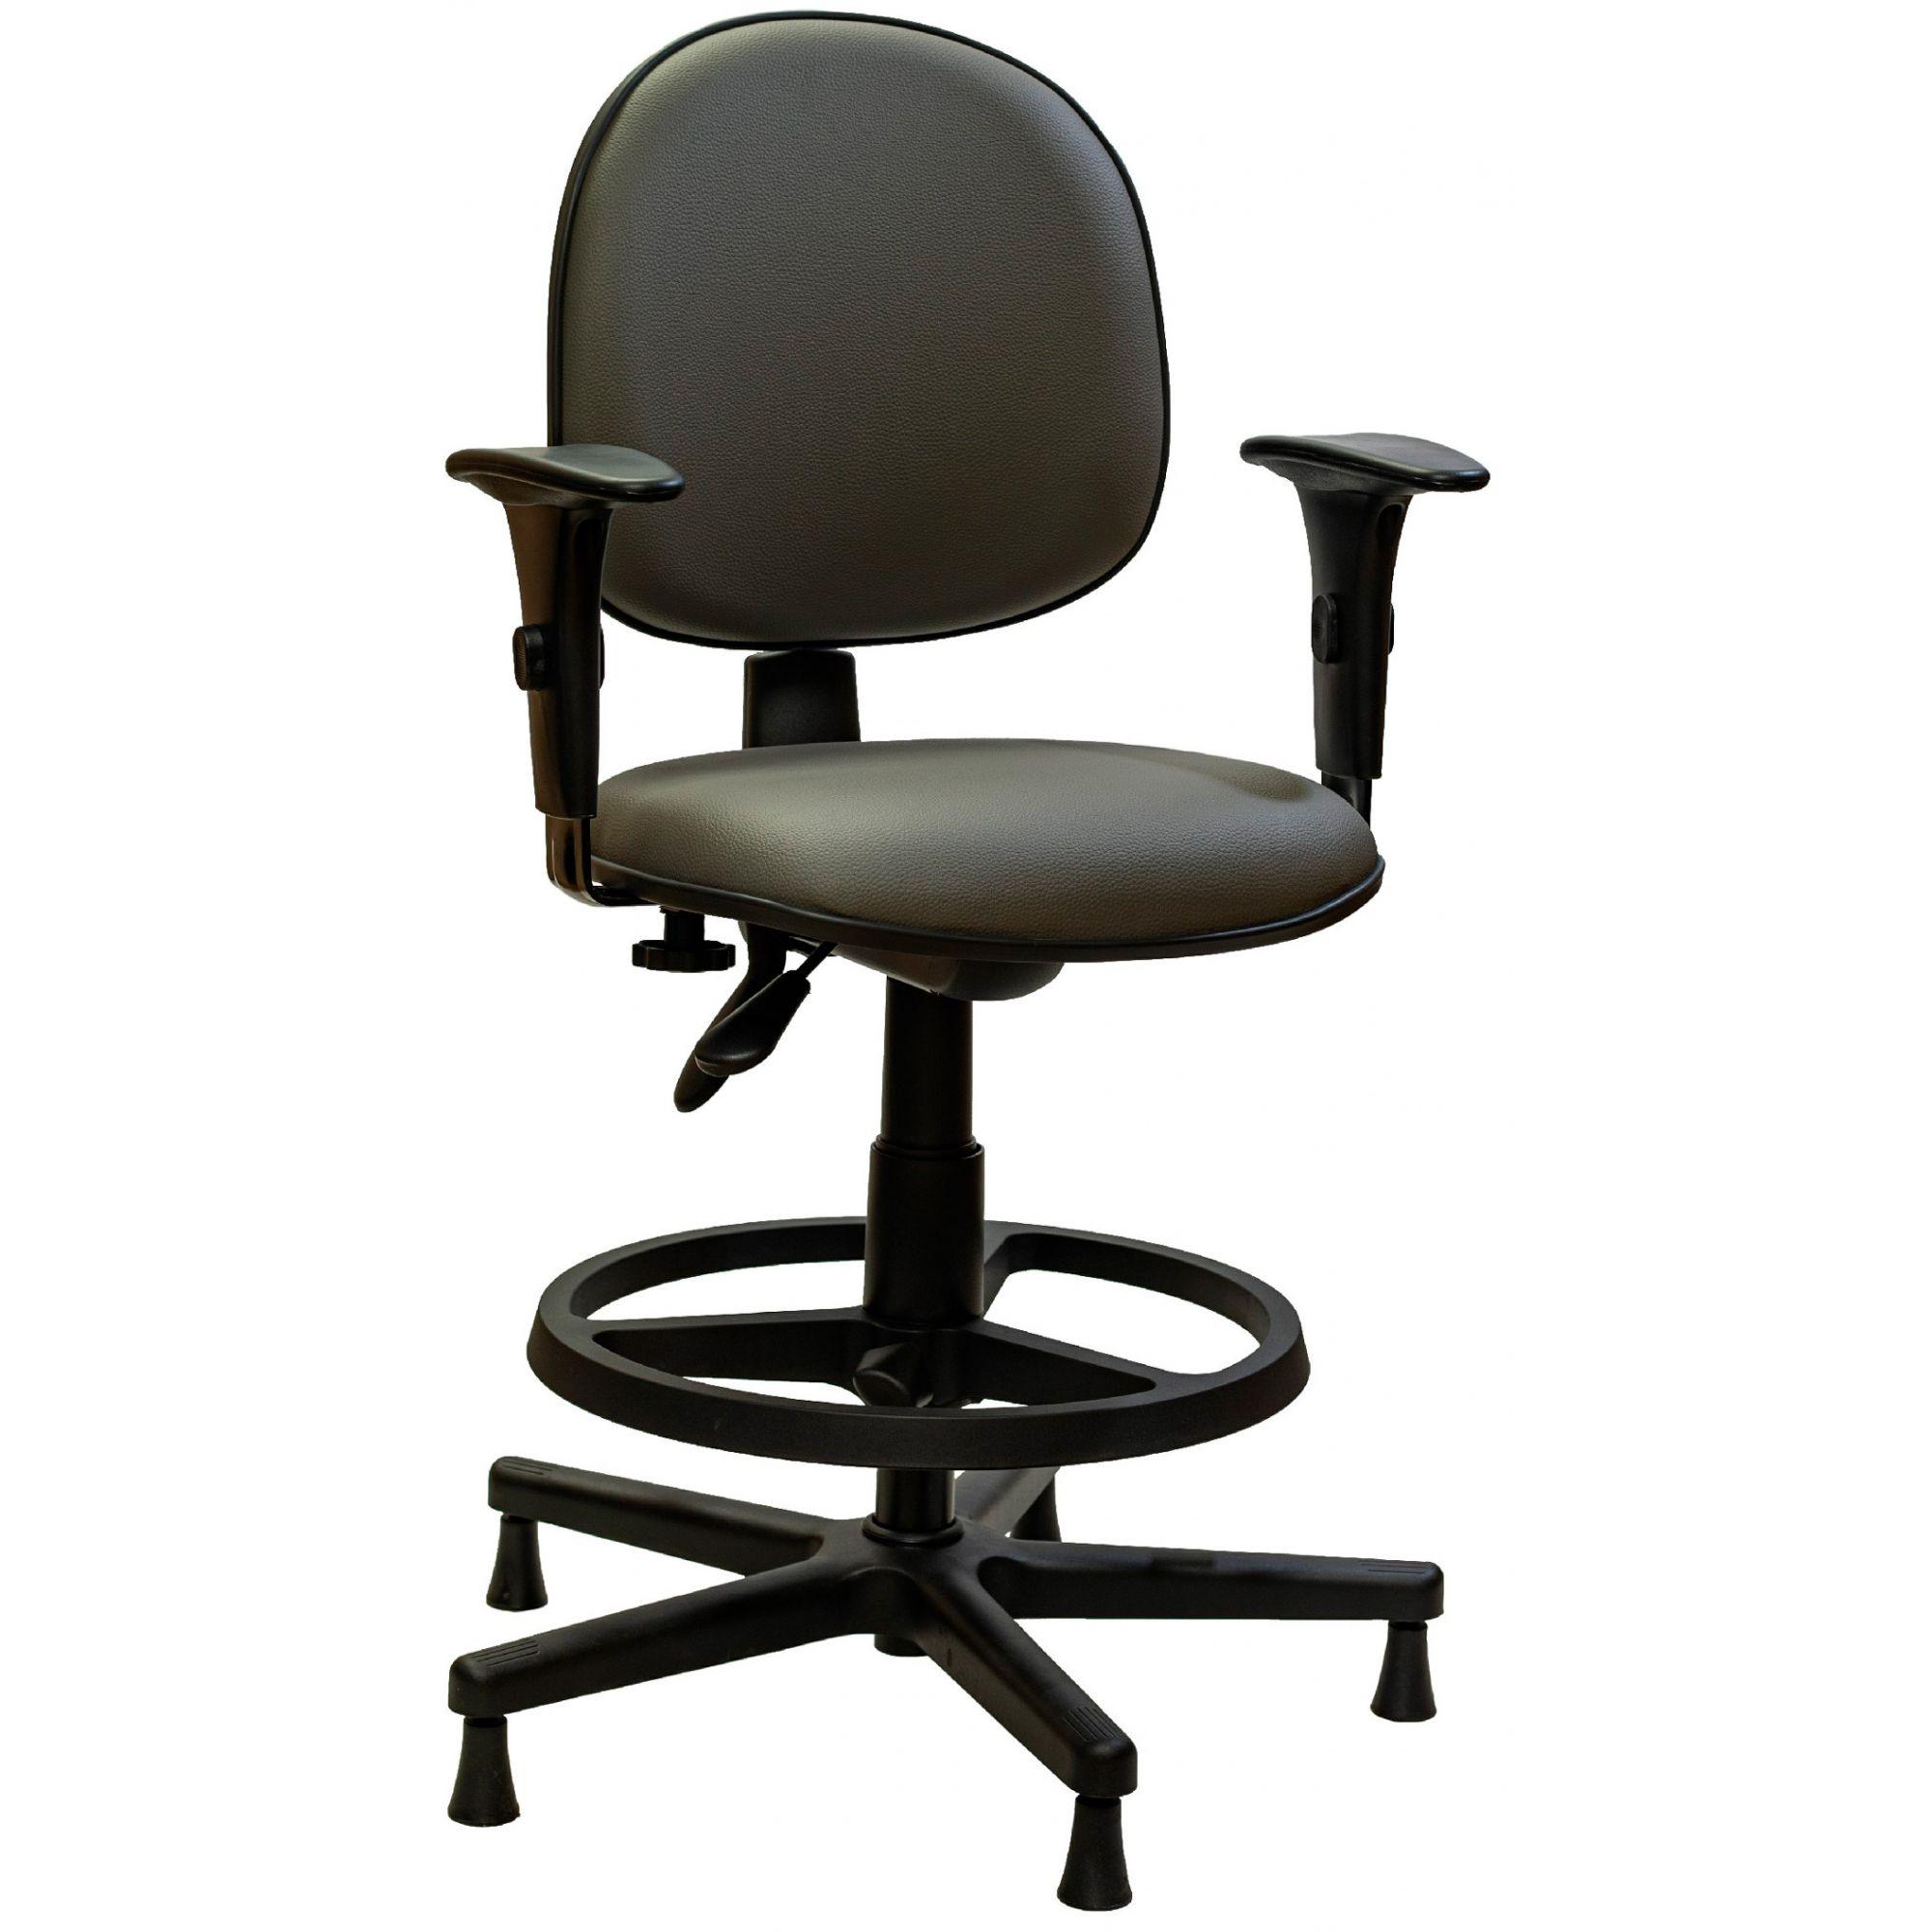 AF 8006-C-CB - Cadeira giratória executiva com braços reguláveis, encosto médio